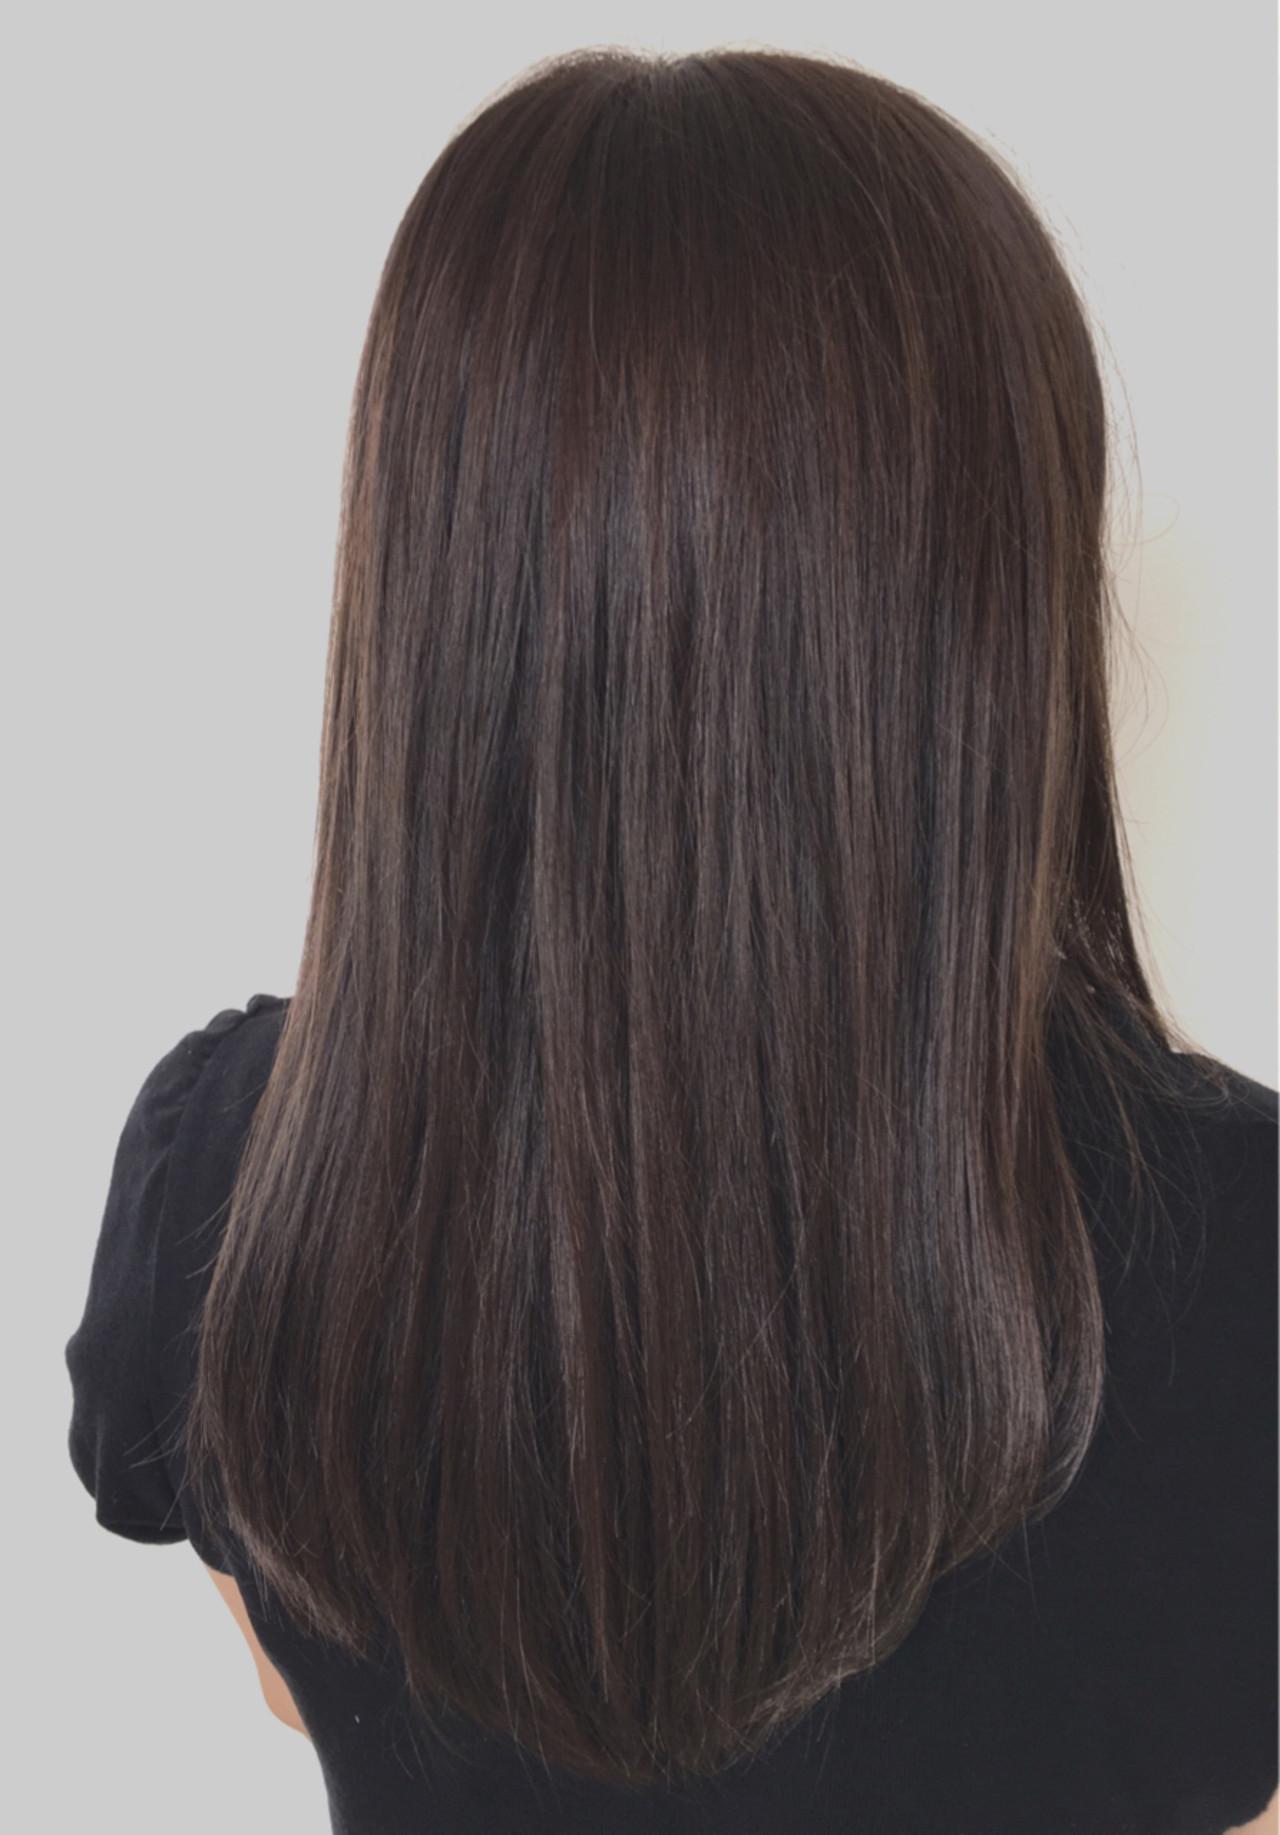 アッシュ セミロング ストレート 透明感 ヘアスタイルや髪型の写真・画像